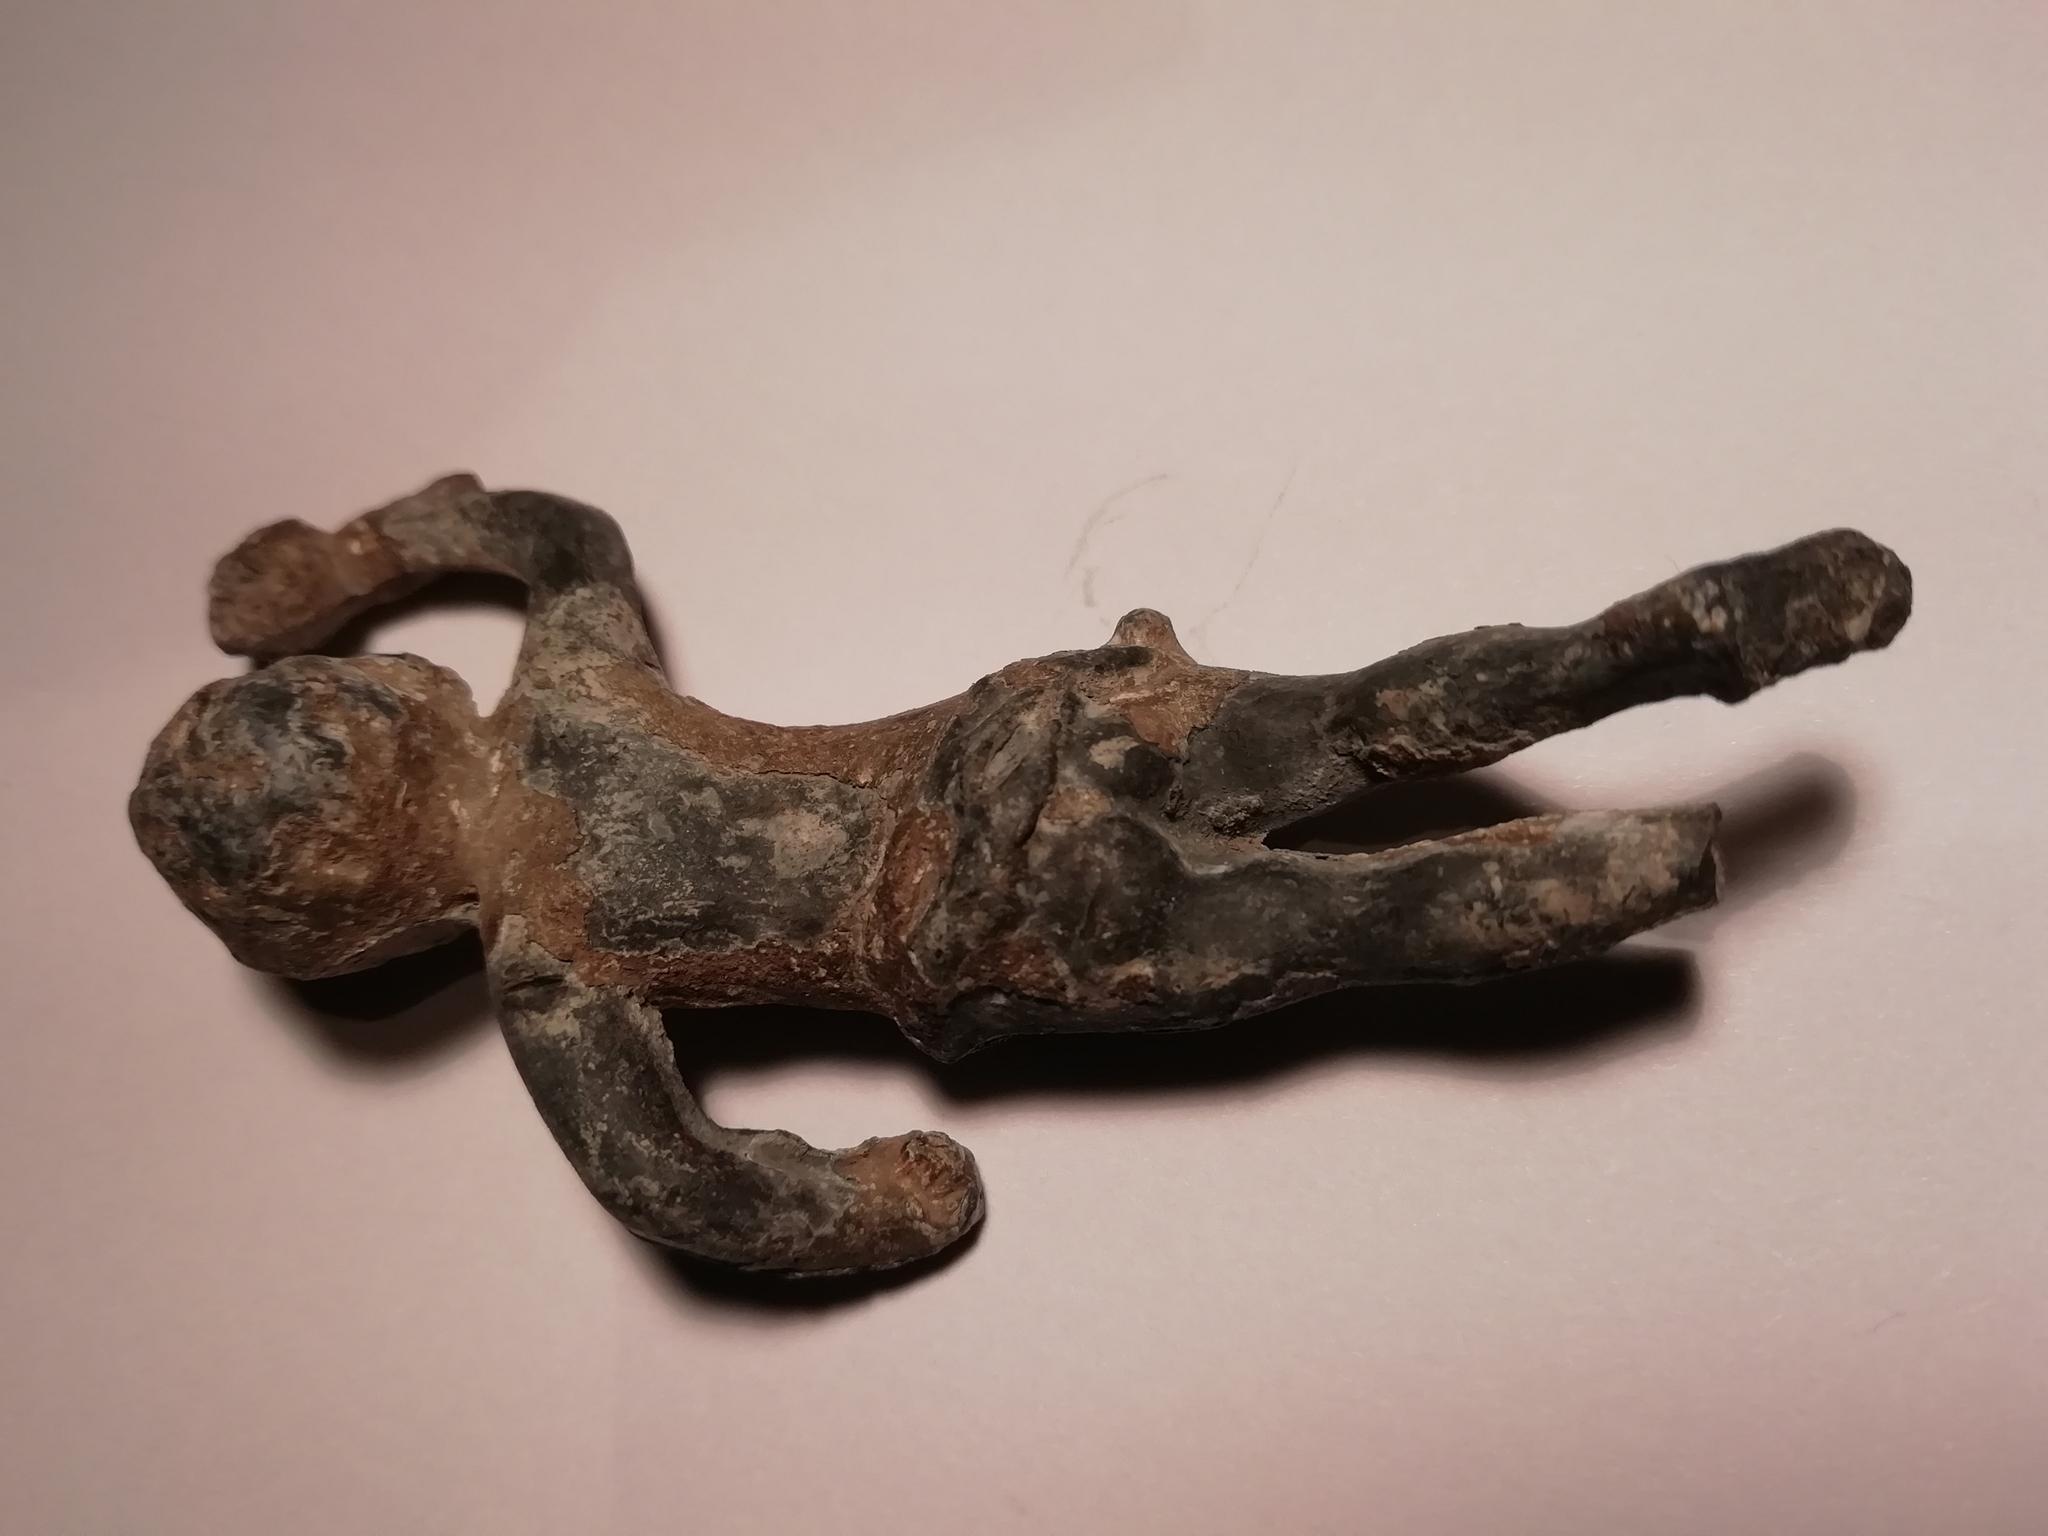 Найден древний артефакт. Что это?